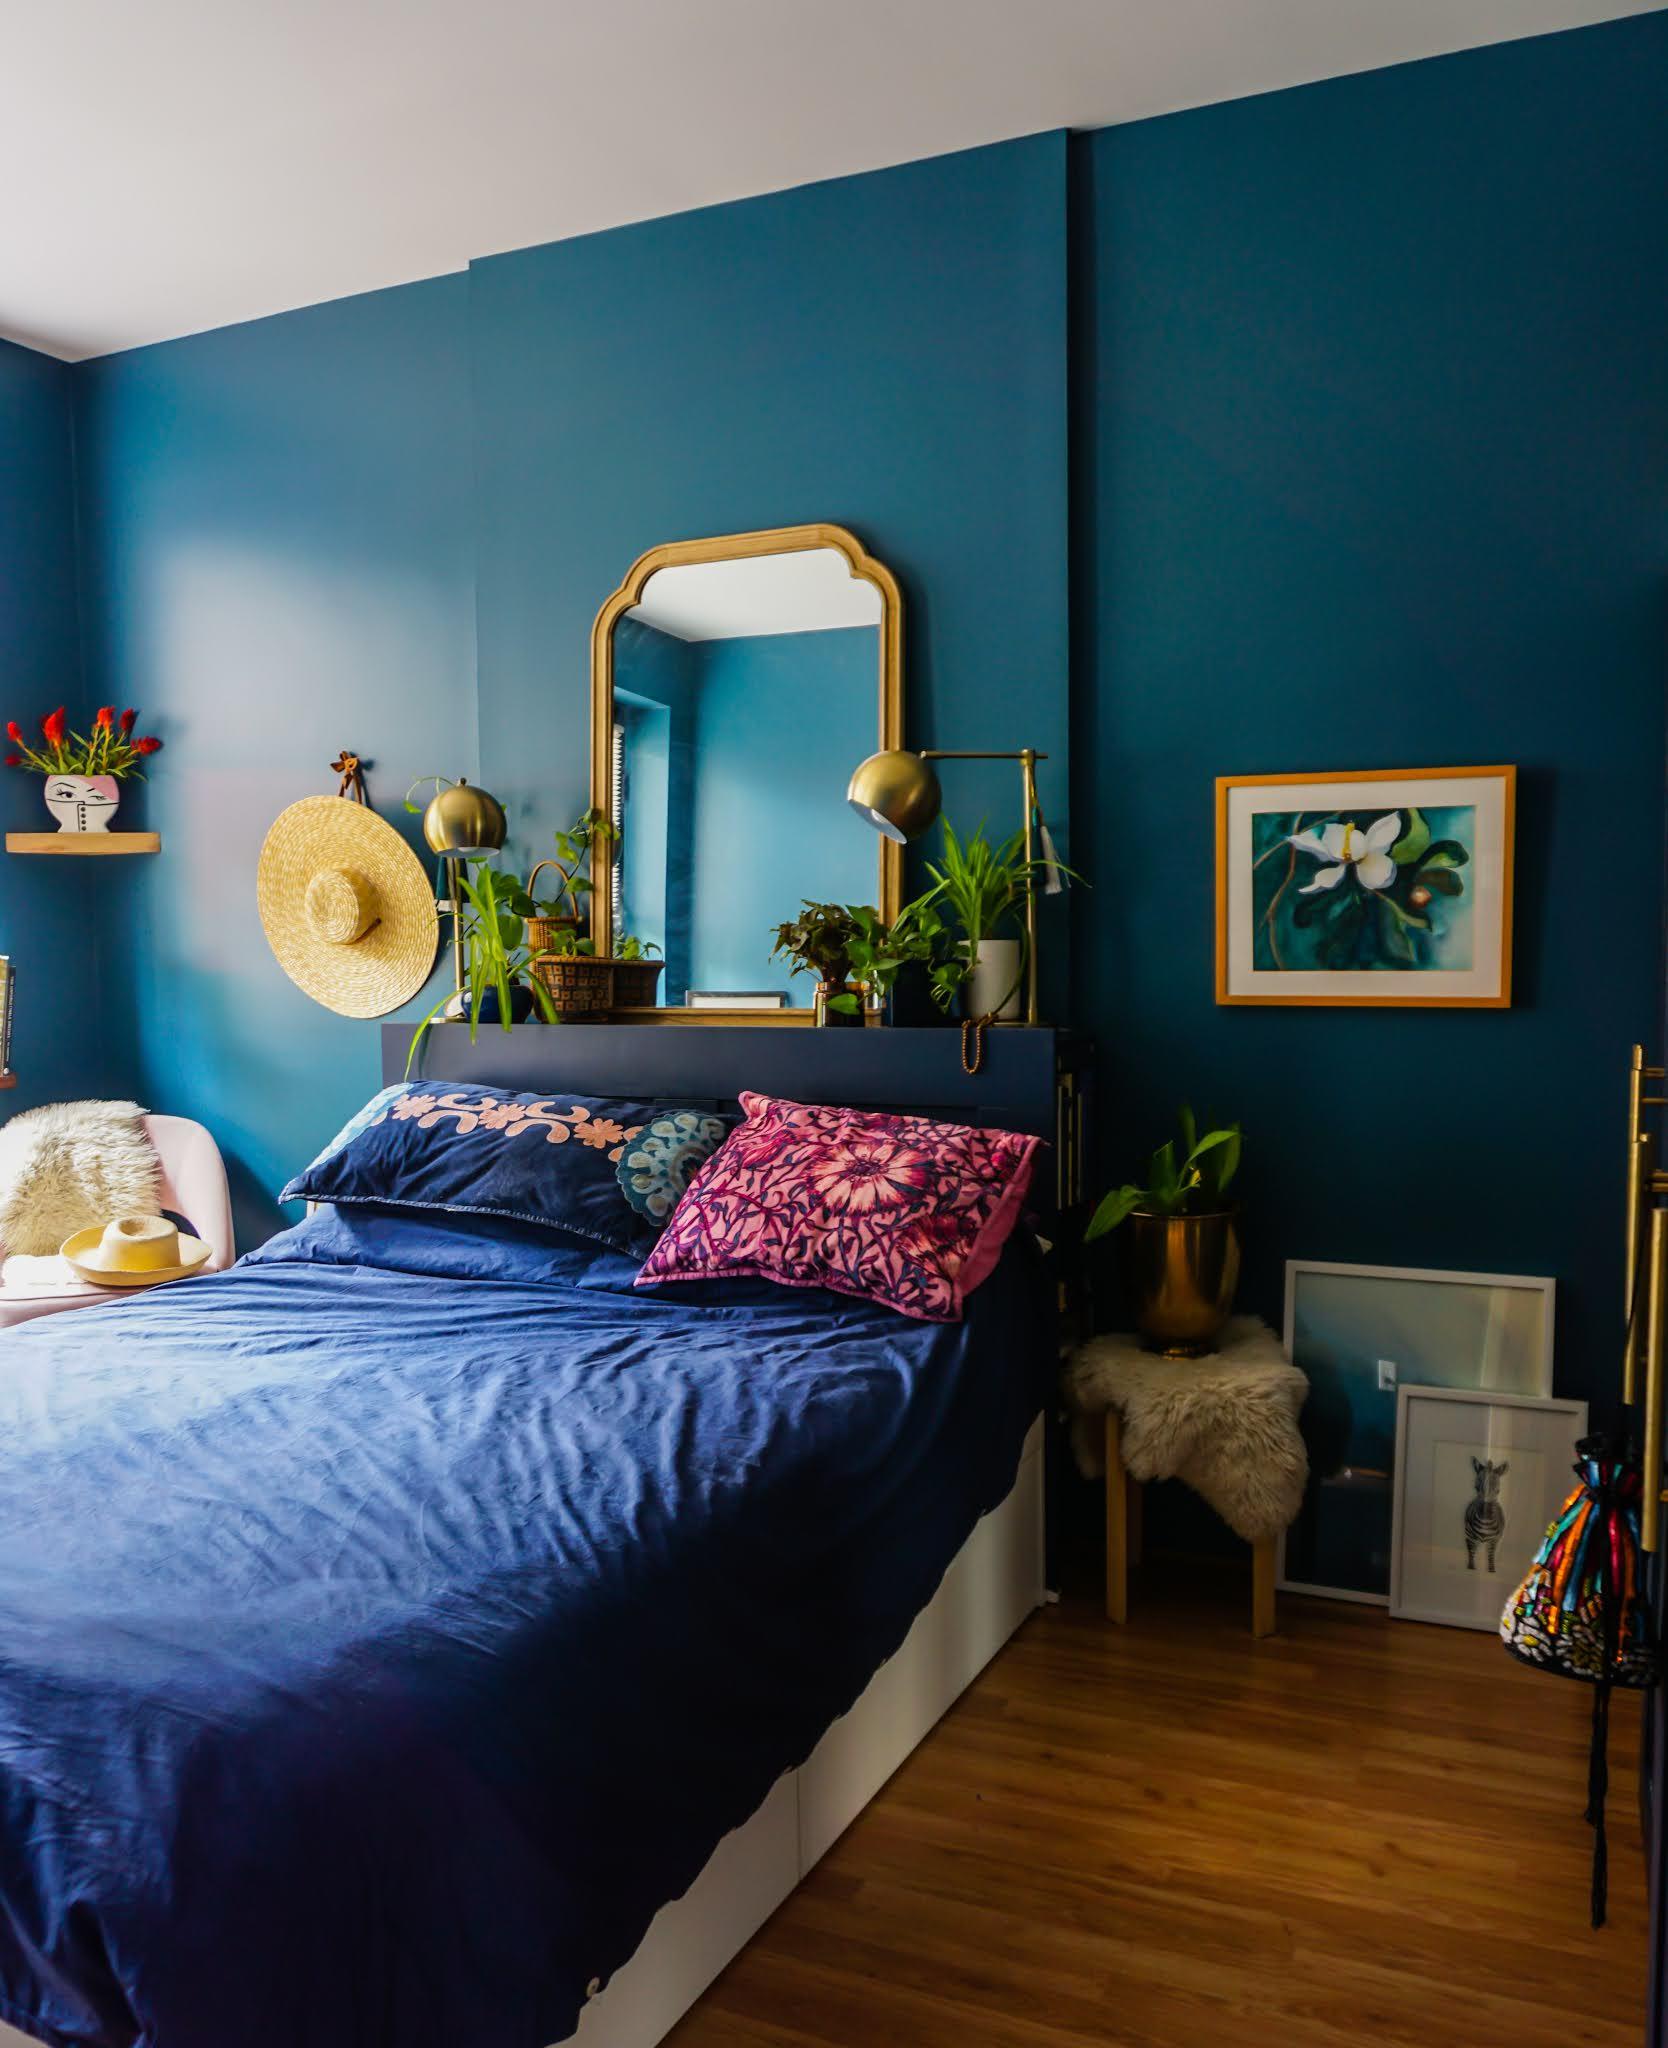 Beste verfkleuren voor elke kamer volgens de wetenschap